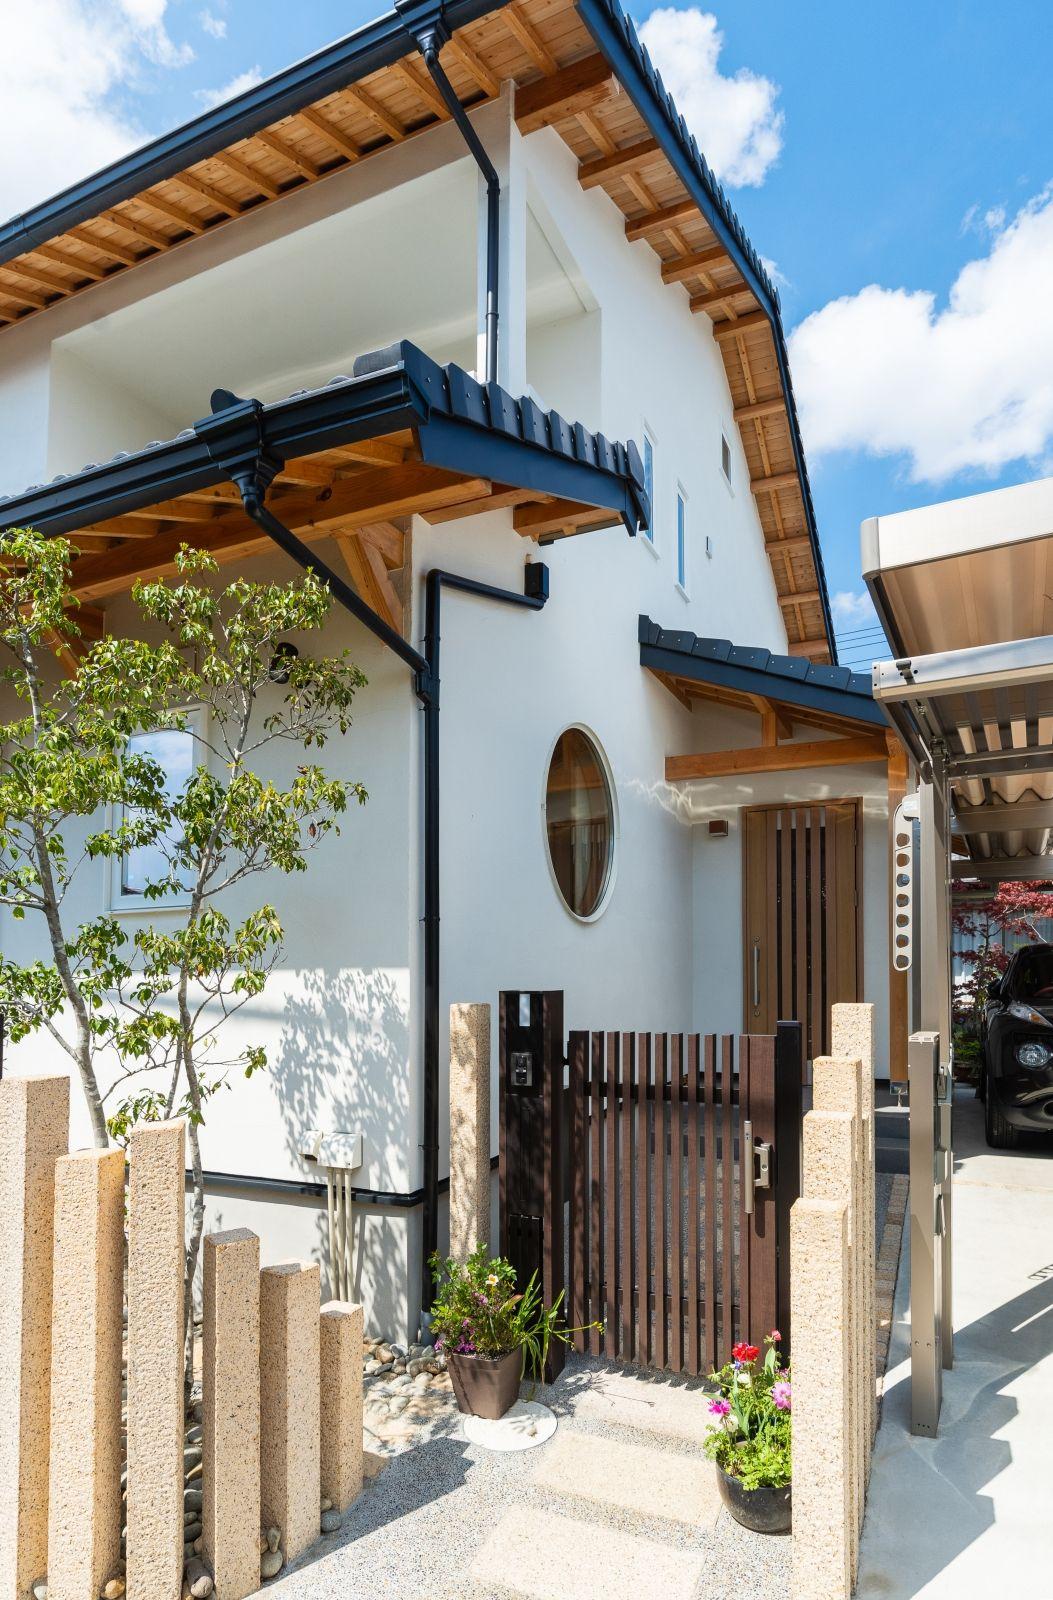 丸窓の和モダン住宅で 自然素材 に包まれた豊かなくらし 和モダン